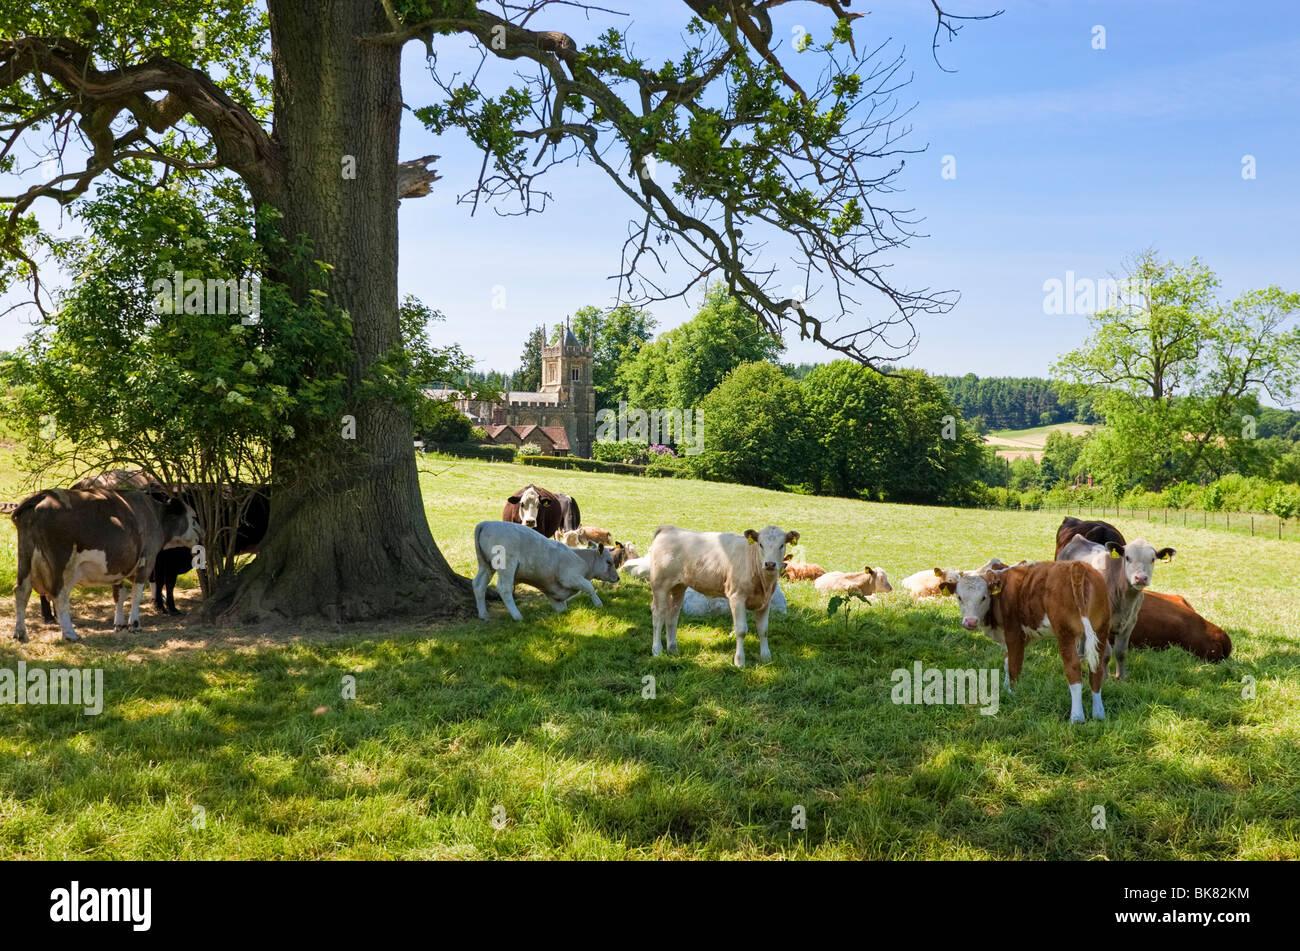 Surrey, Inghilterra, Regno Unito - vacche da latte sfumature dal sole estivo vicino Albury con chiesa in background Immagini Stock